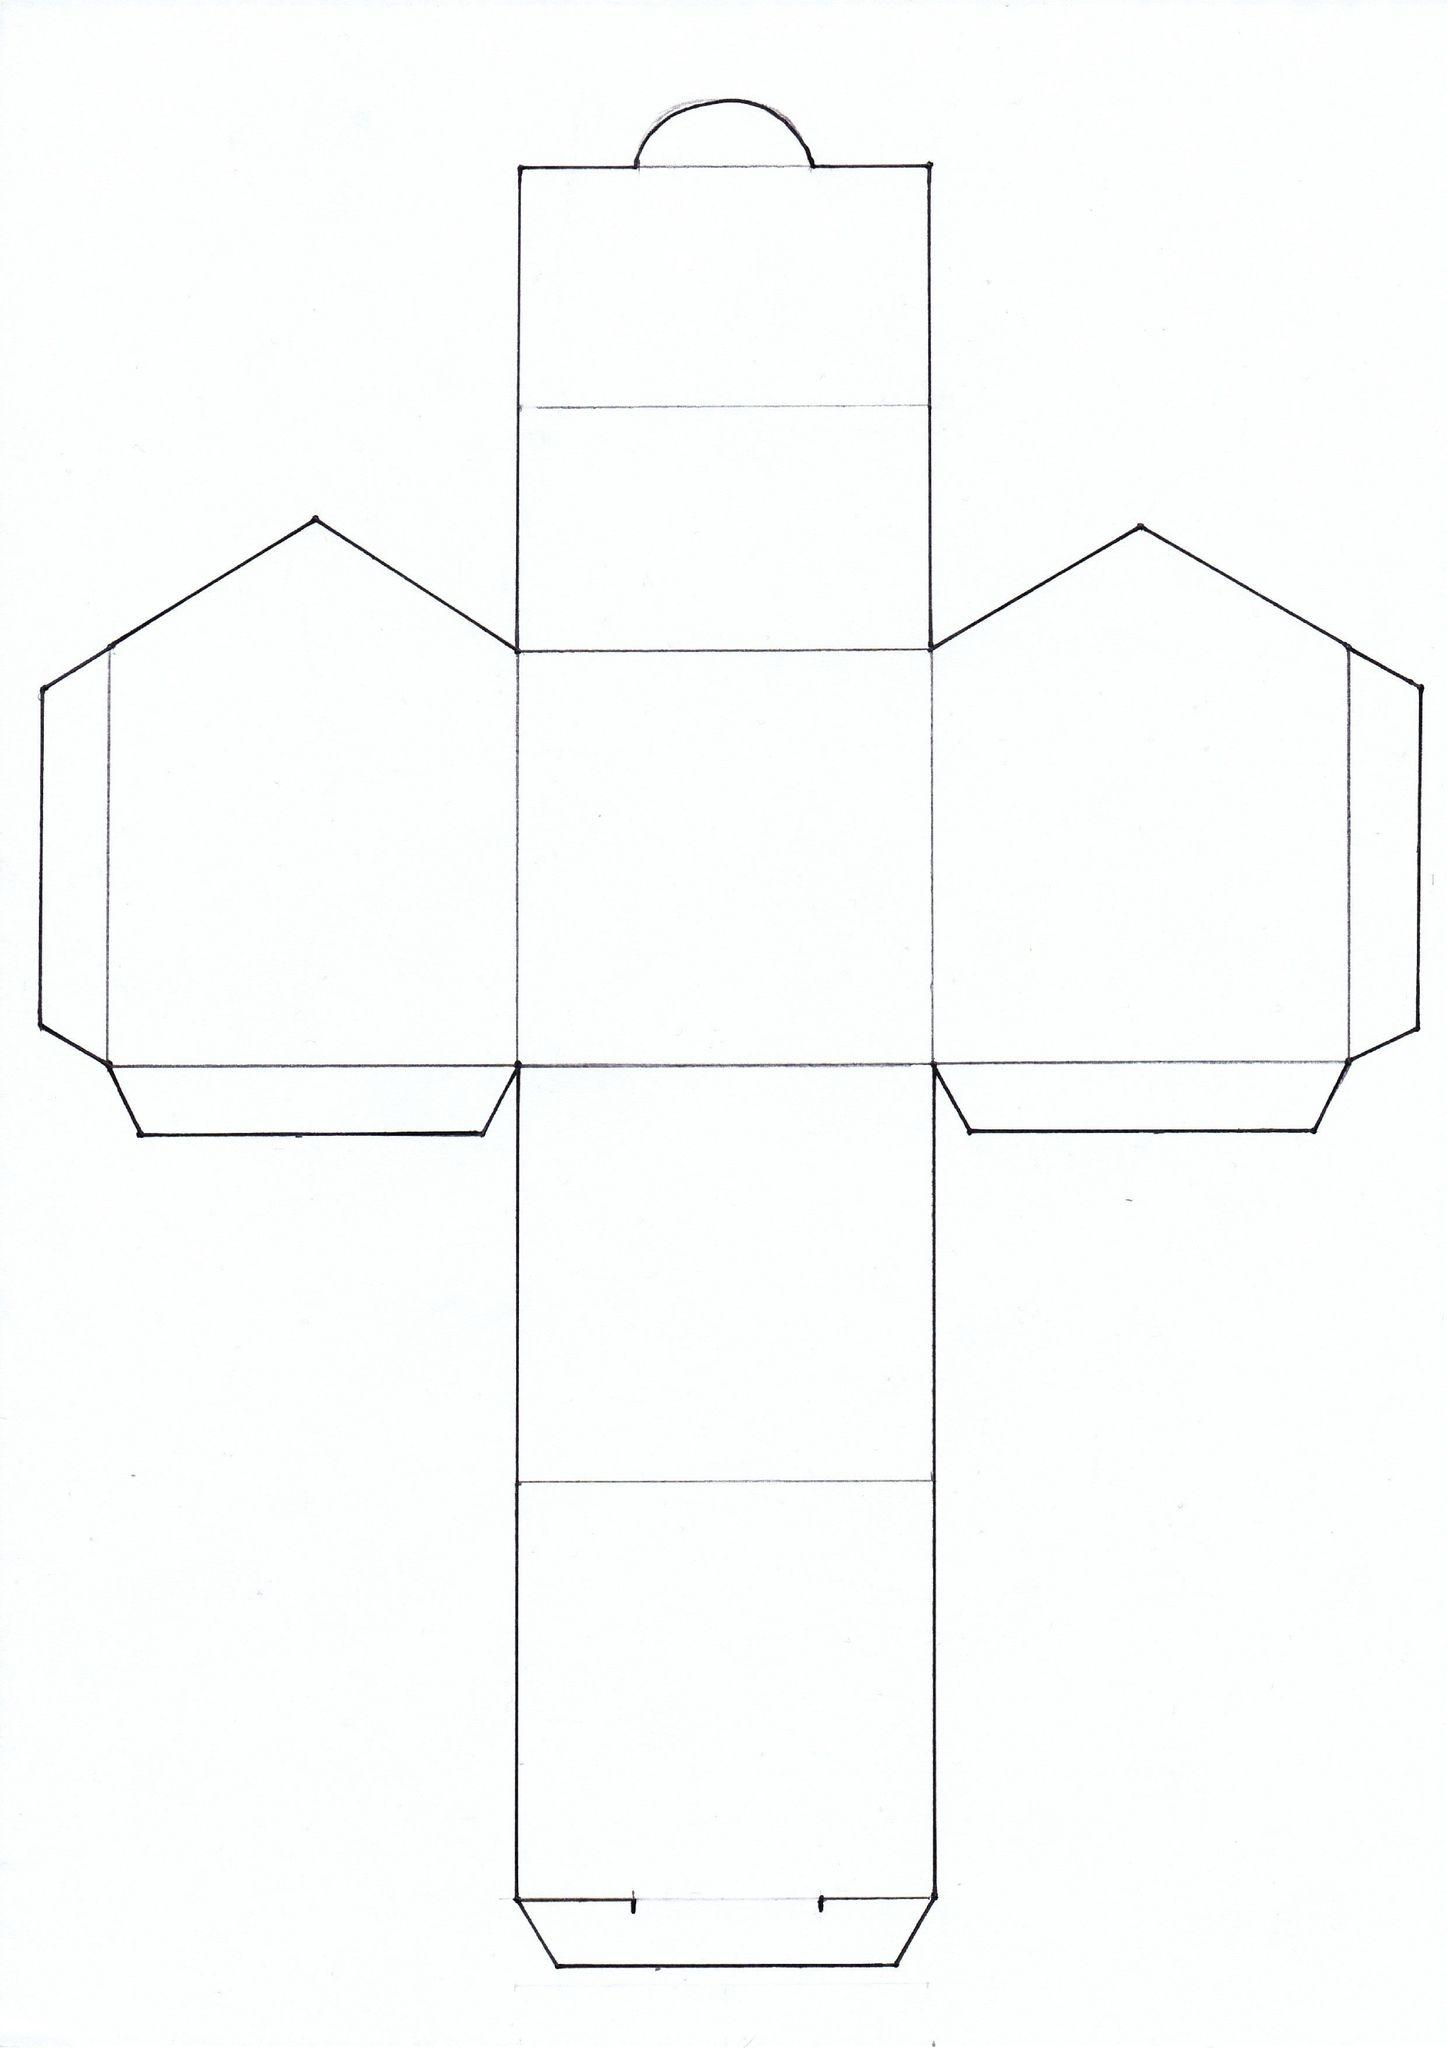 Mosa que et maisonnette argile barbotine papier maisons en papier boites cadeaux noel - Gabarit maison en carton ...